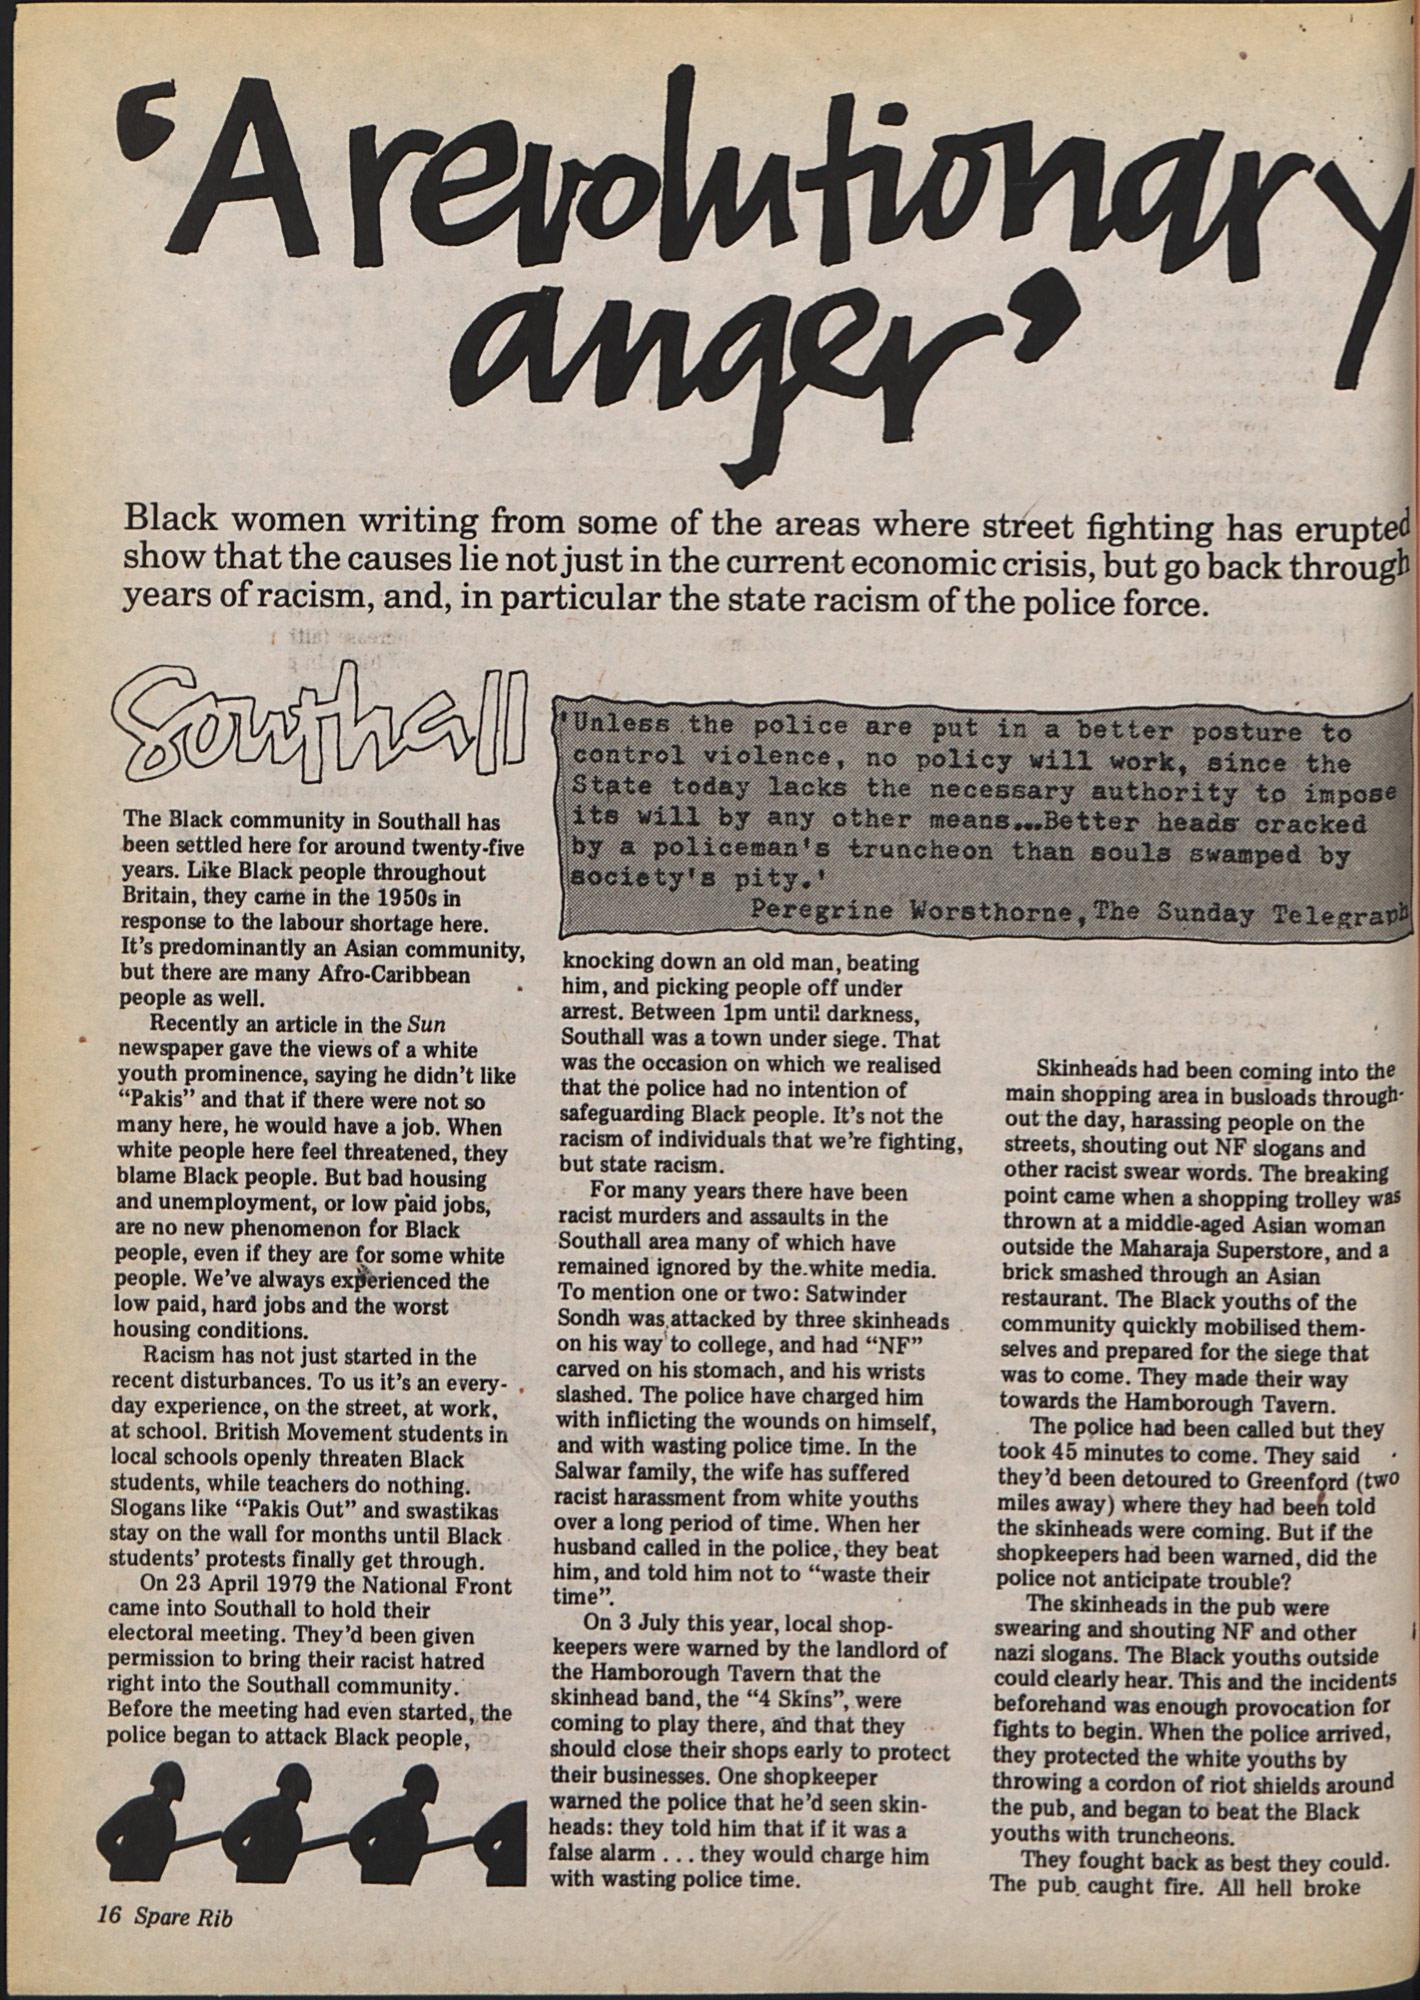 Spare Rib magazine issue 110 p. 16